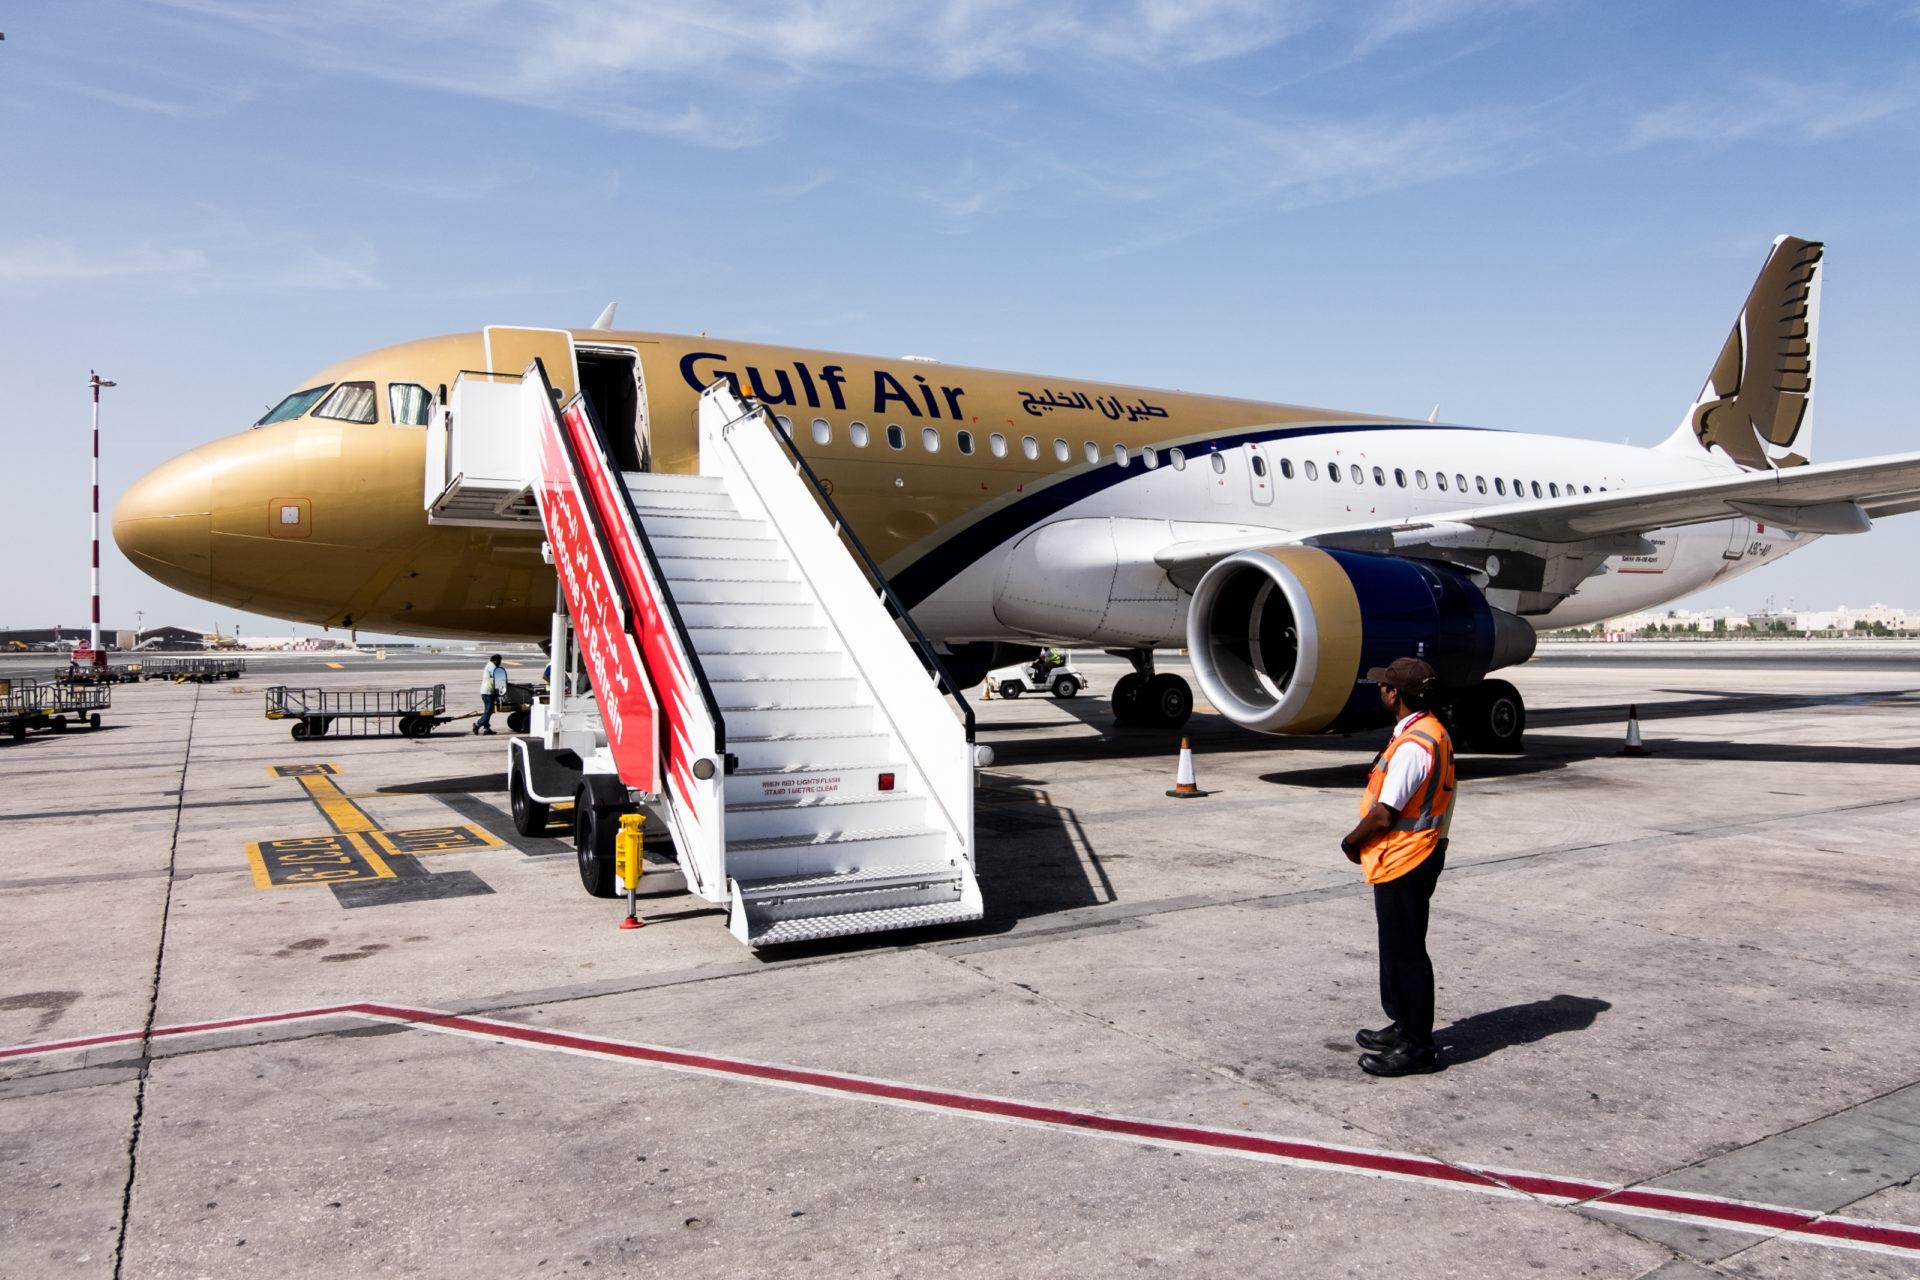 Пересадка в Манаме с авиакомпанией Gulf Air